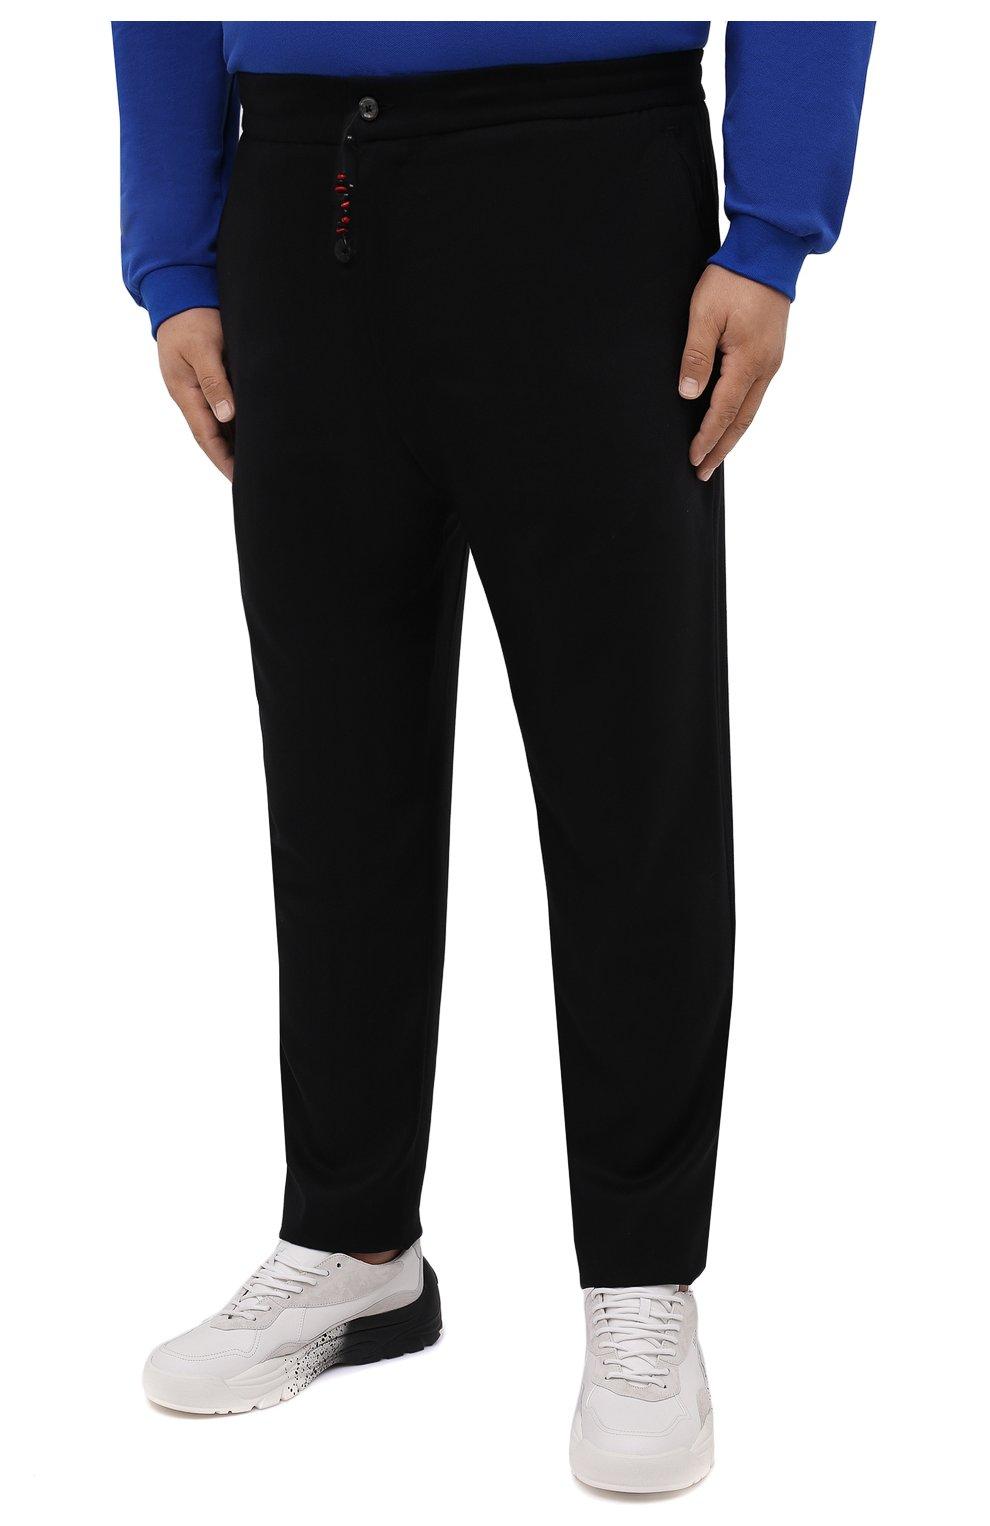 Мужские брюки из шерсти и кашемира MARCO PESCAROLO черного цвета, арт. CHIAIAM/ZIP+SFILA/4438 | Фото 3 (Материал внешний: Шерсть, Кашемир; Длина (брюки, джинсы): Стандартные; Случай: Повседневный; Стили: Кэжуэл)